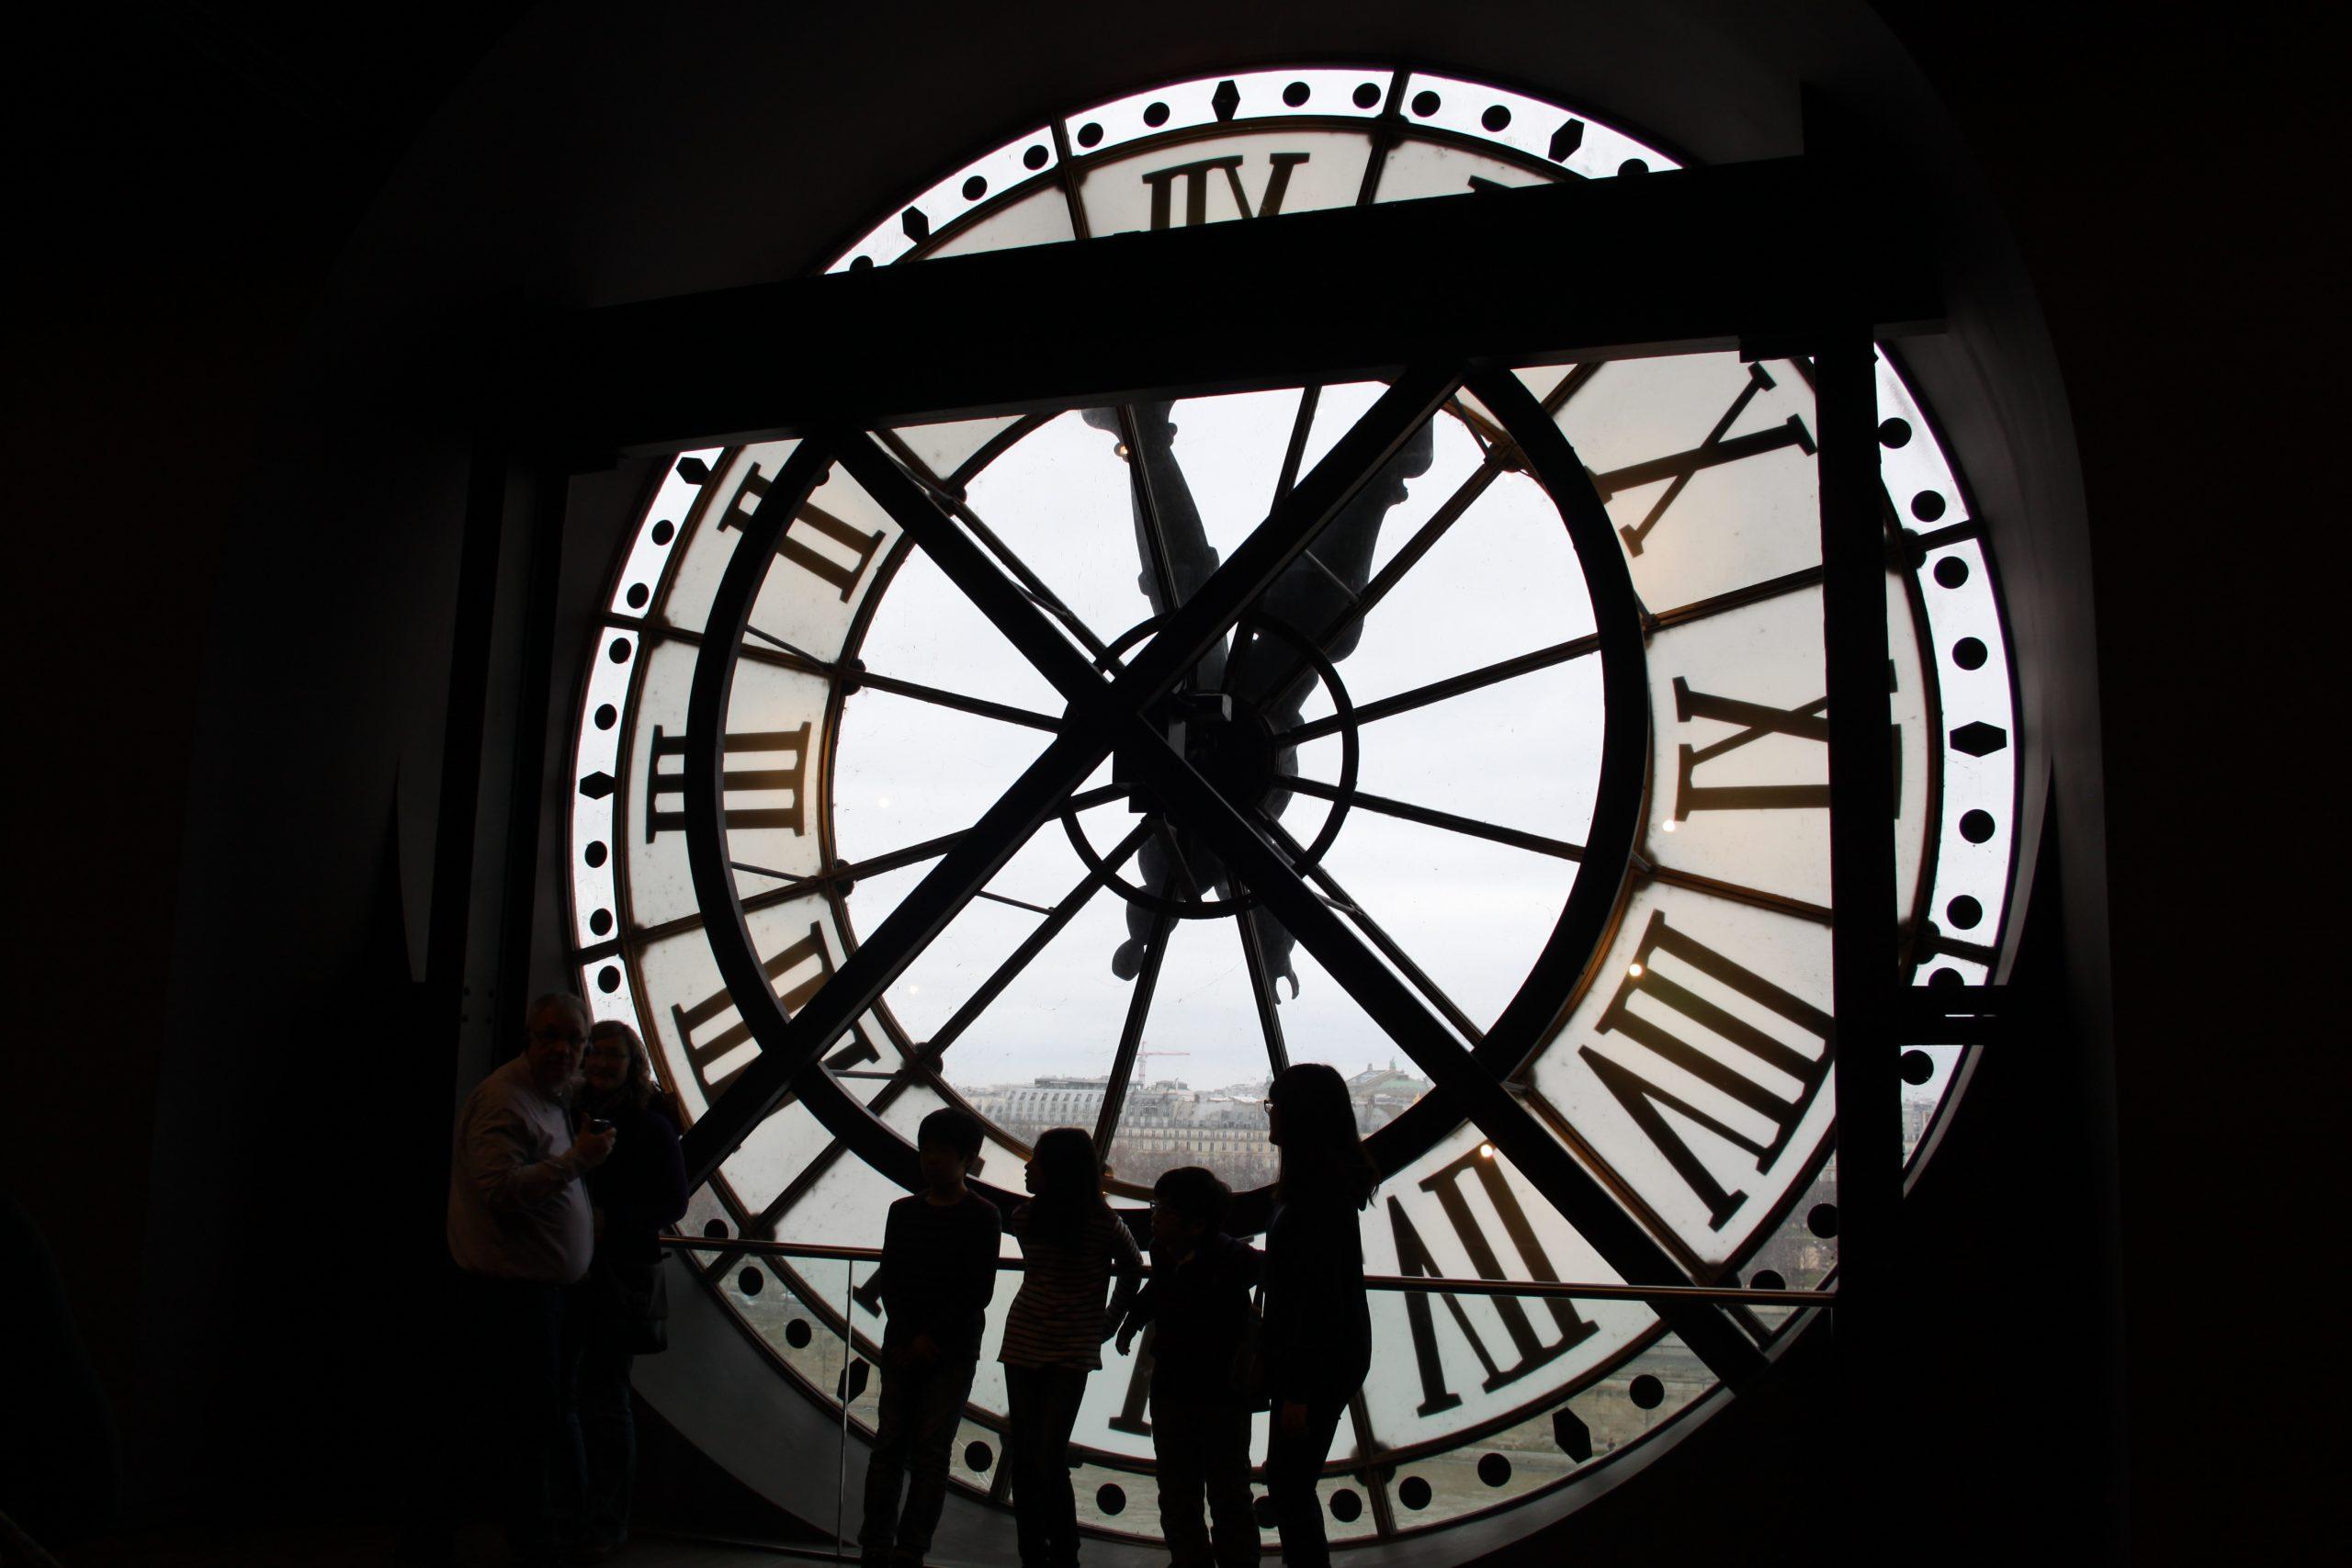 Le città dei 15 minuti: teoria o realtà?